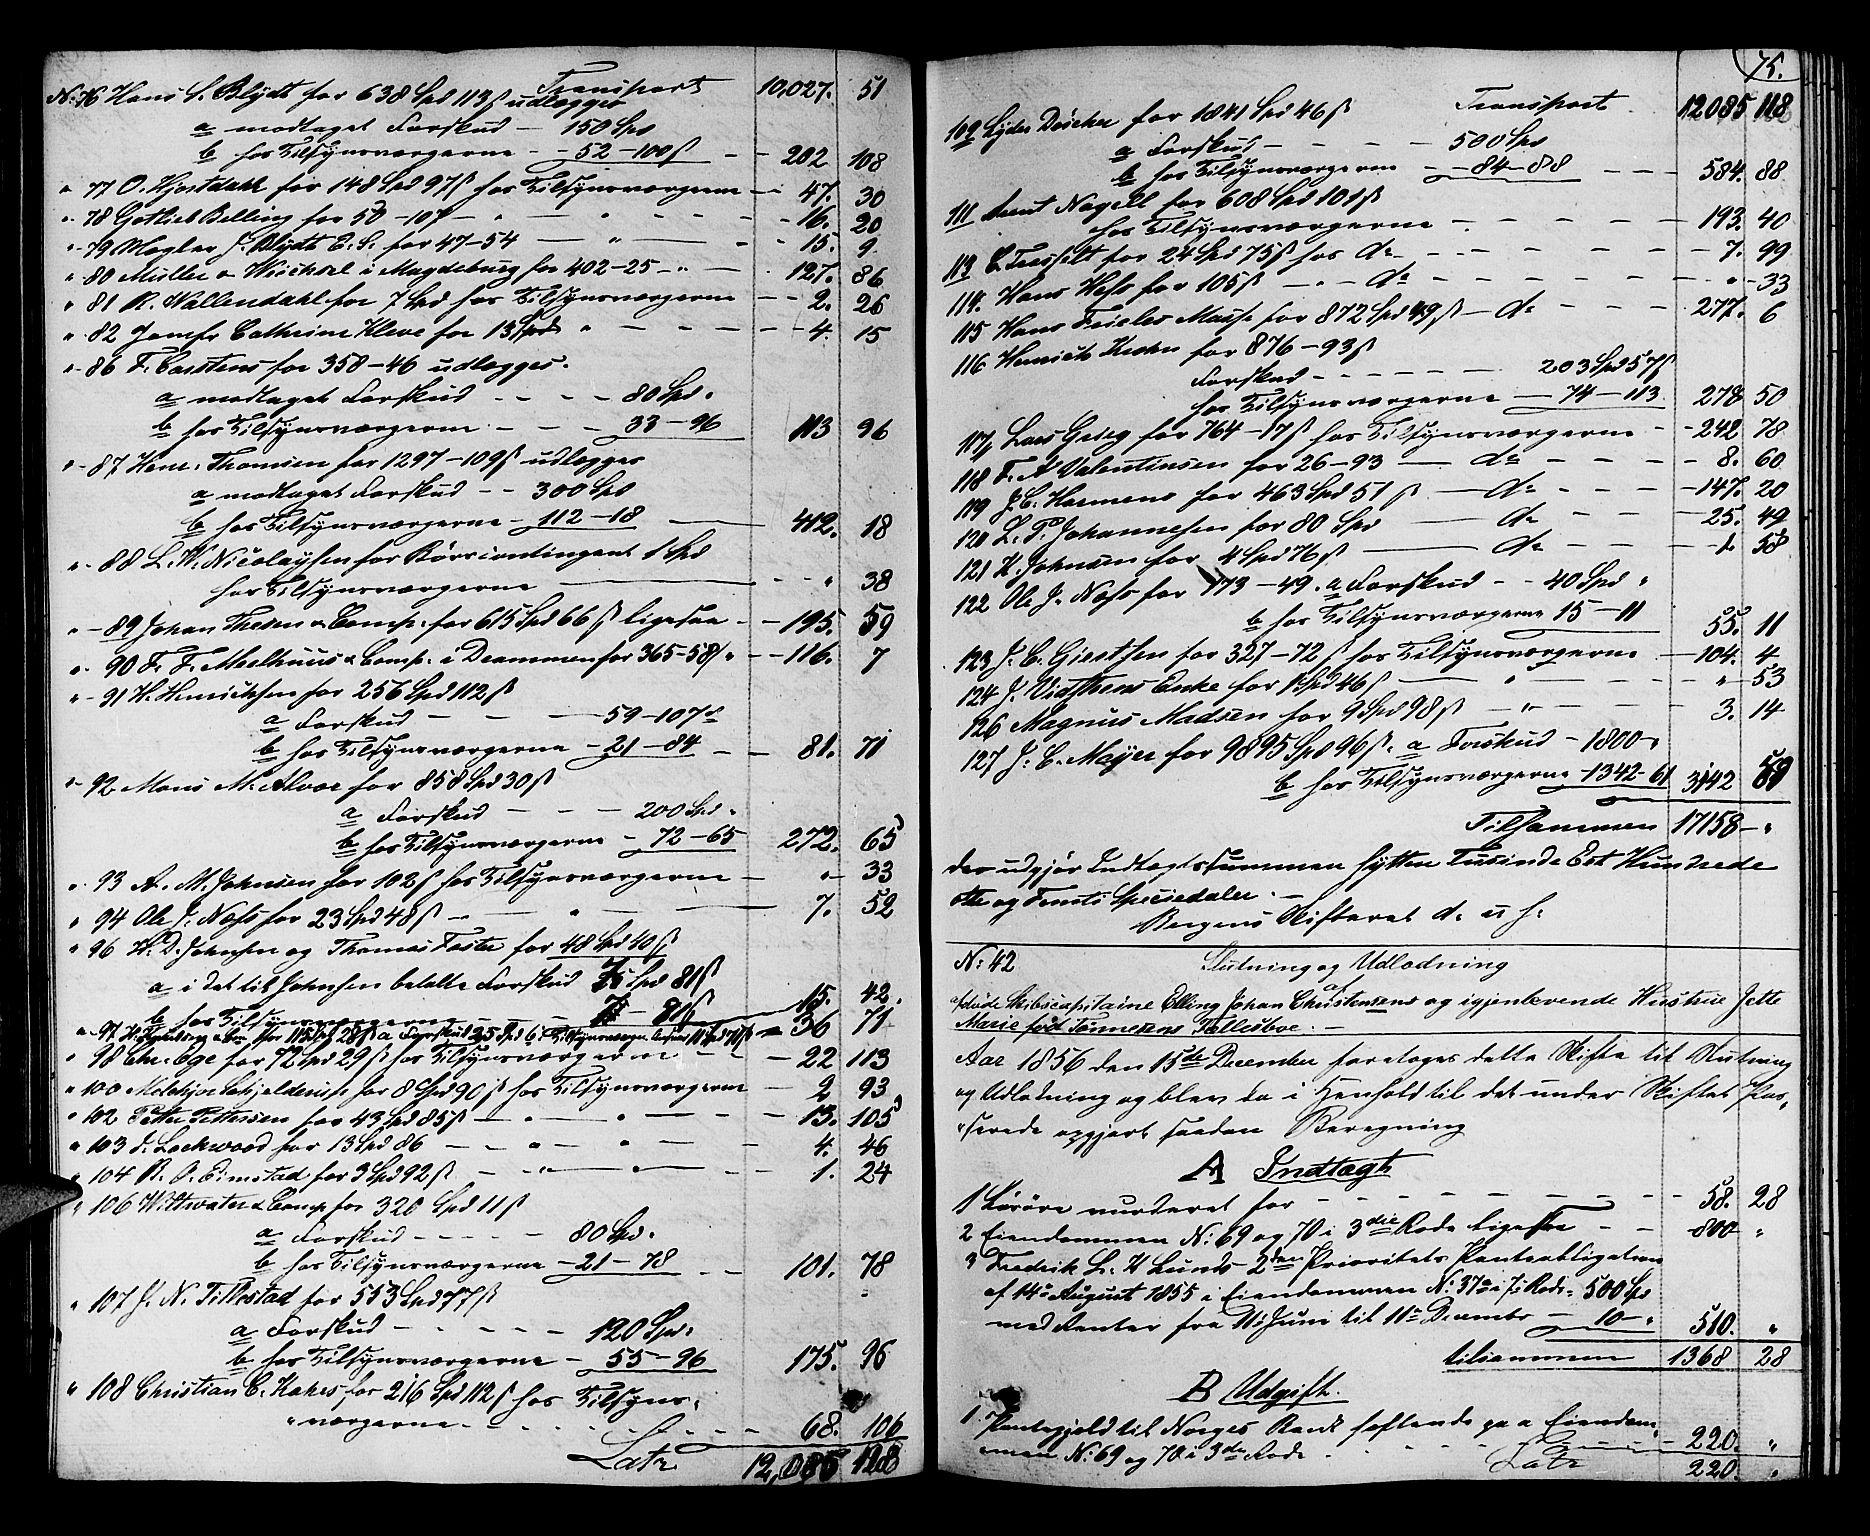 SAB, Byfogd og Byskriver i Bergen, 06/06C/L0011: Skifteprotokoller, 1855-1860, s. 74b-75a